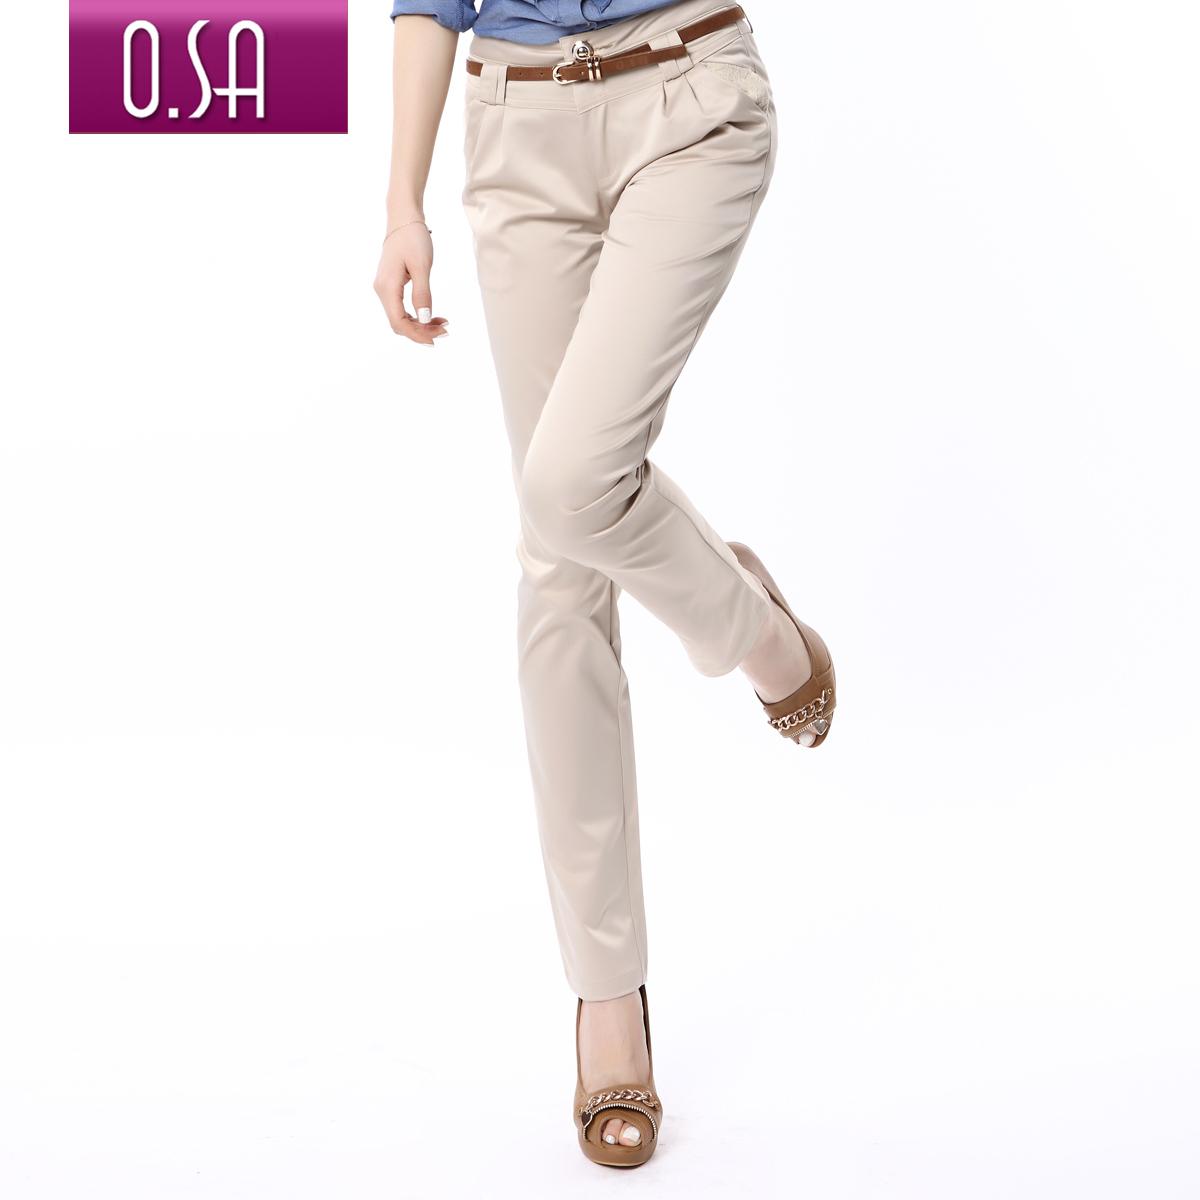 2012年女装精品精选盘点 - 1818购物导航 - 1818购物导航博客